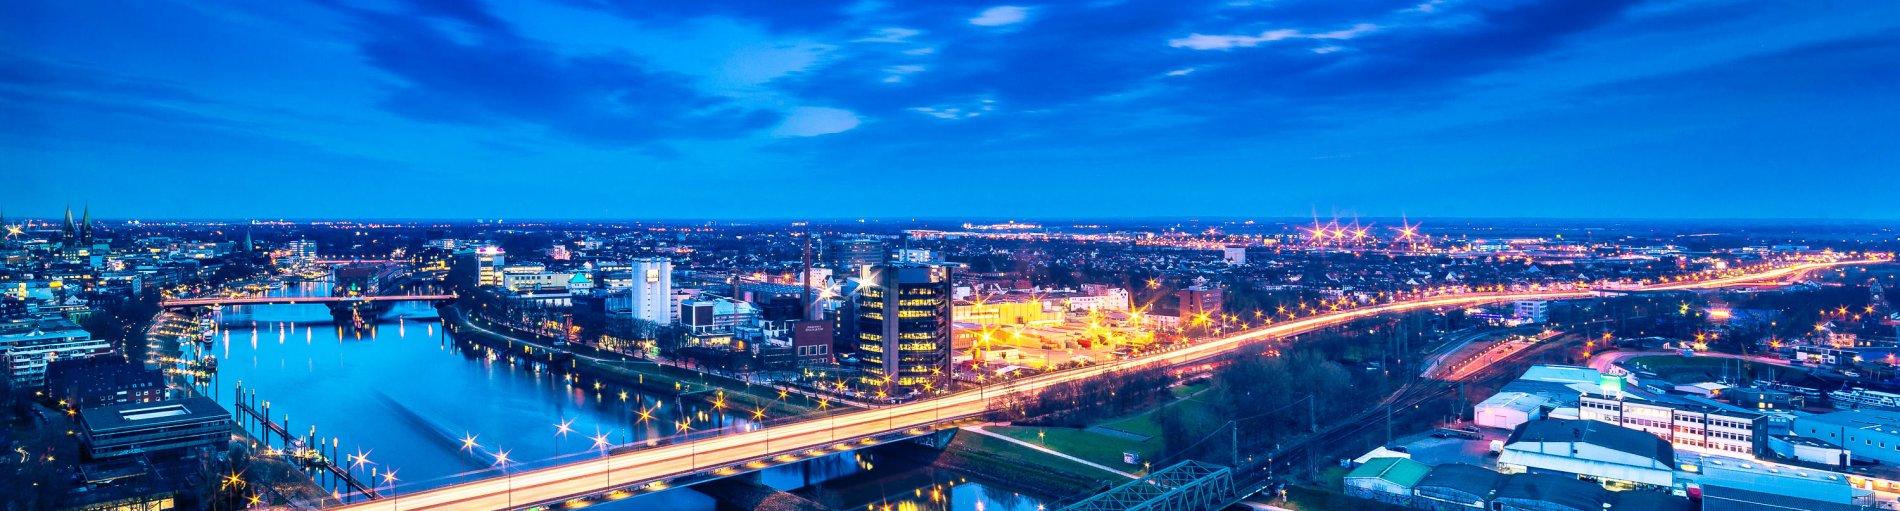 Luftaufnahme des nächtlichen, beleuchteten Bremens